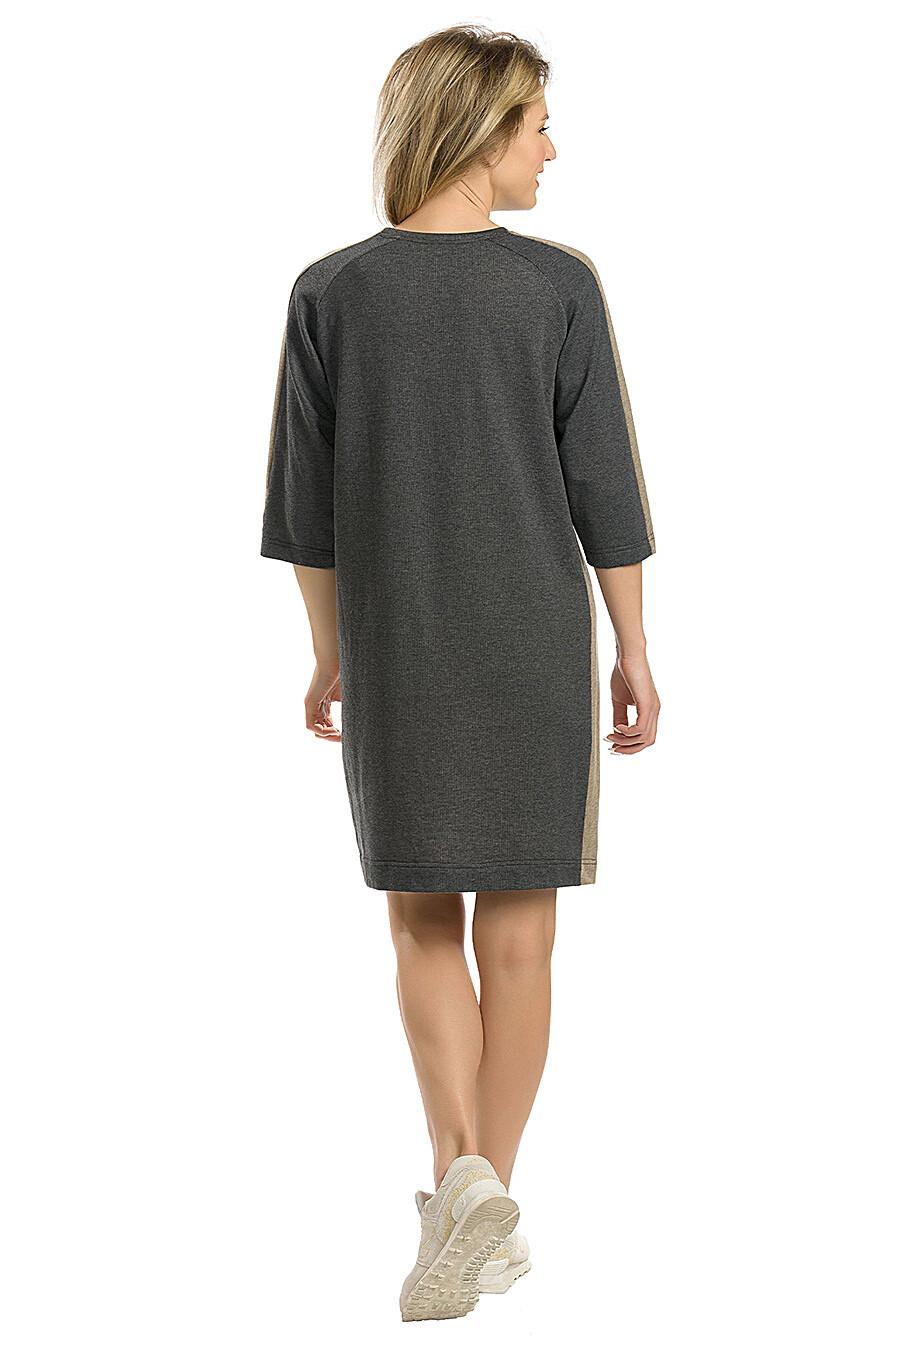 Платье для женщин PELICAN 146734 купить оптом от производителя. Совместная покупка женской одежды в OptMoyo